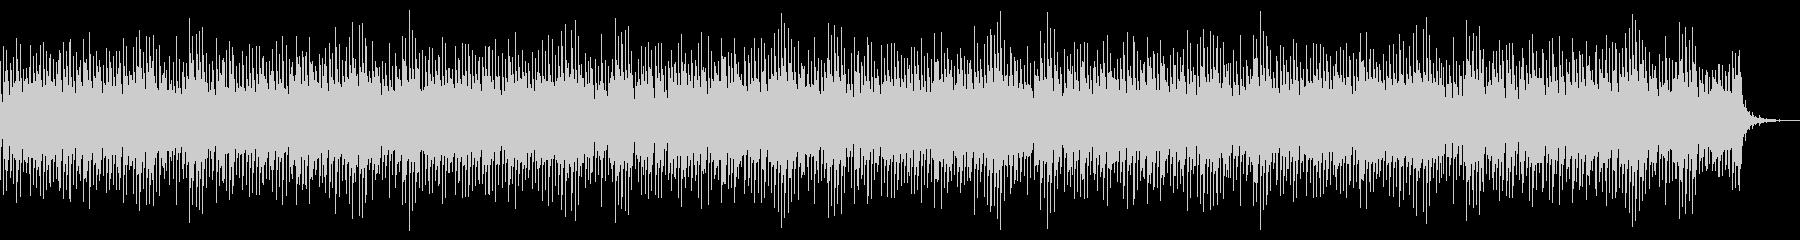 [ニュース報道]無機質:フラット:12の未再生の波形